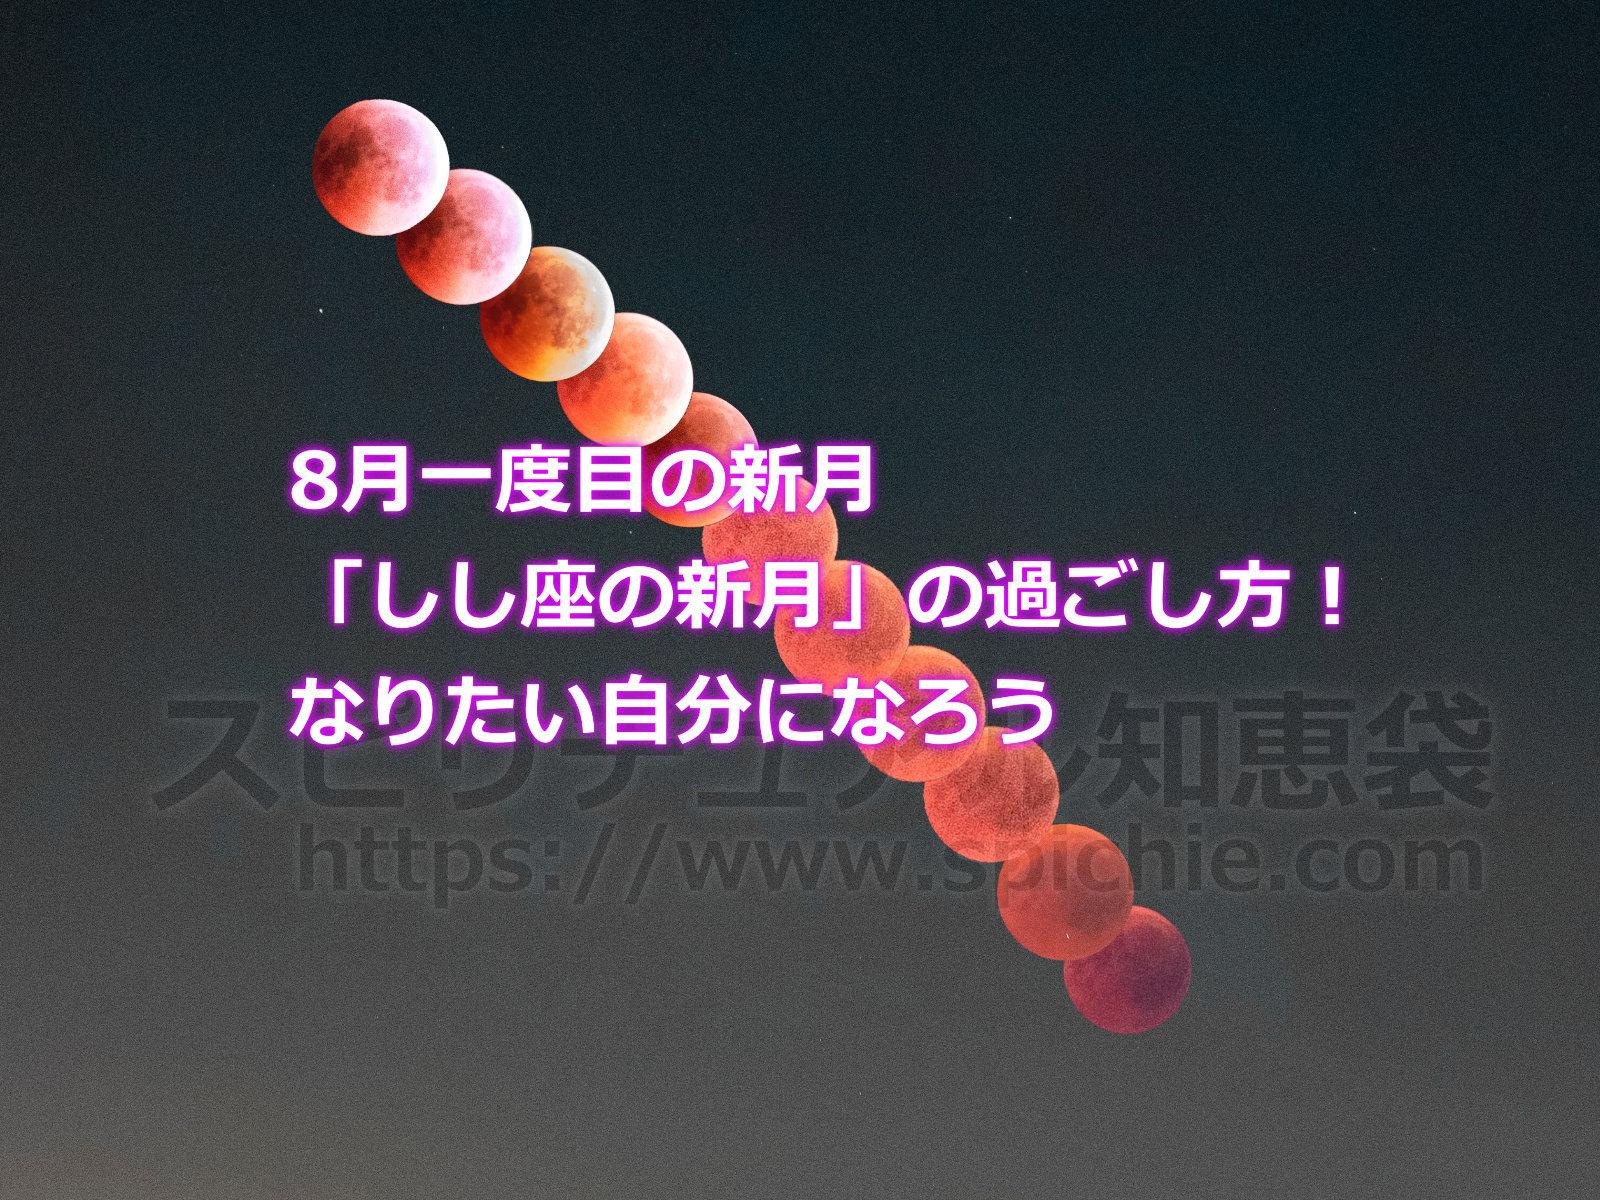 8月一度目の新月「しし座の新月」の過ごし方!なりたい自分になろうのアイキャッチ画像